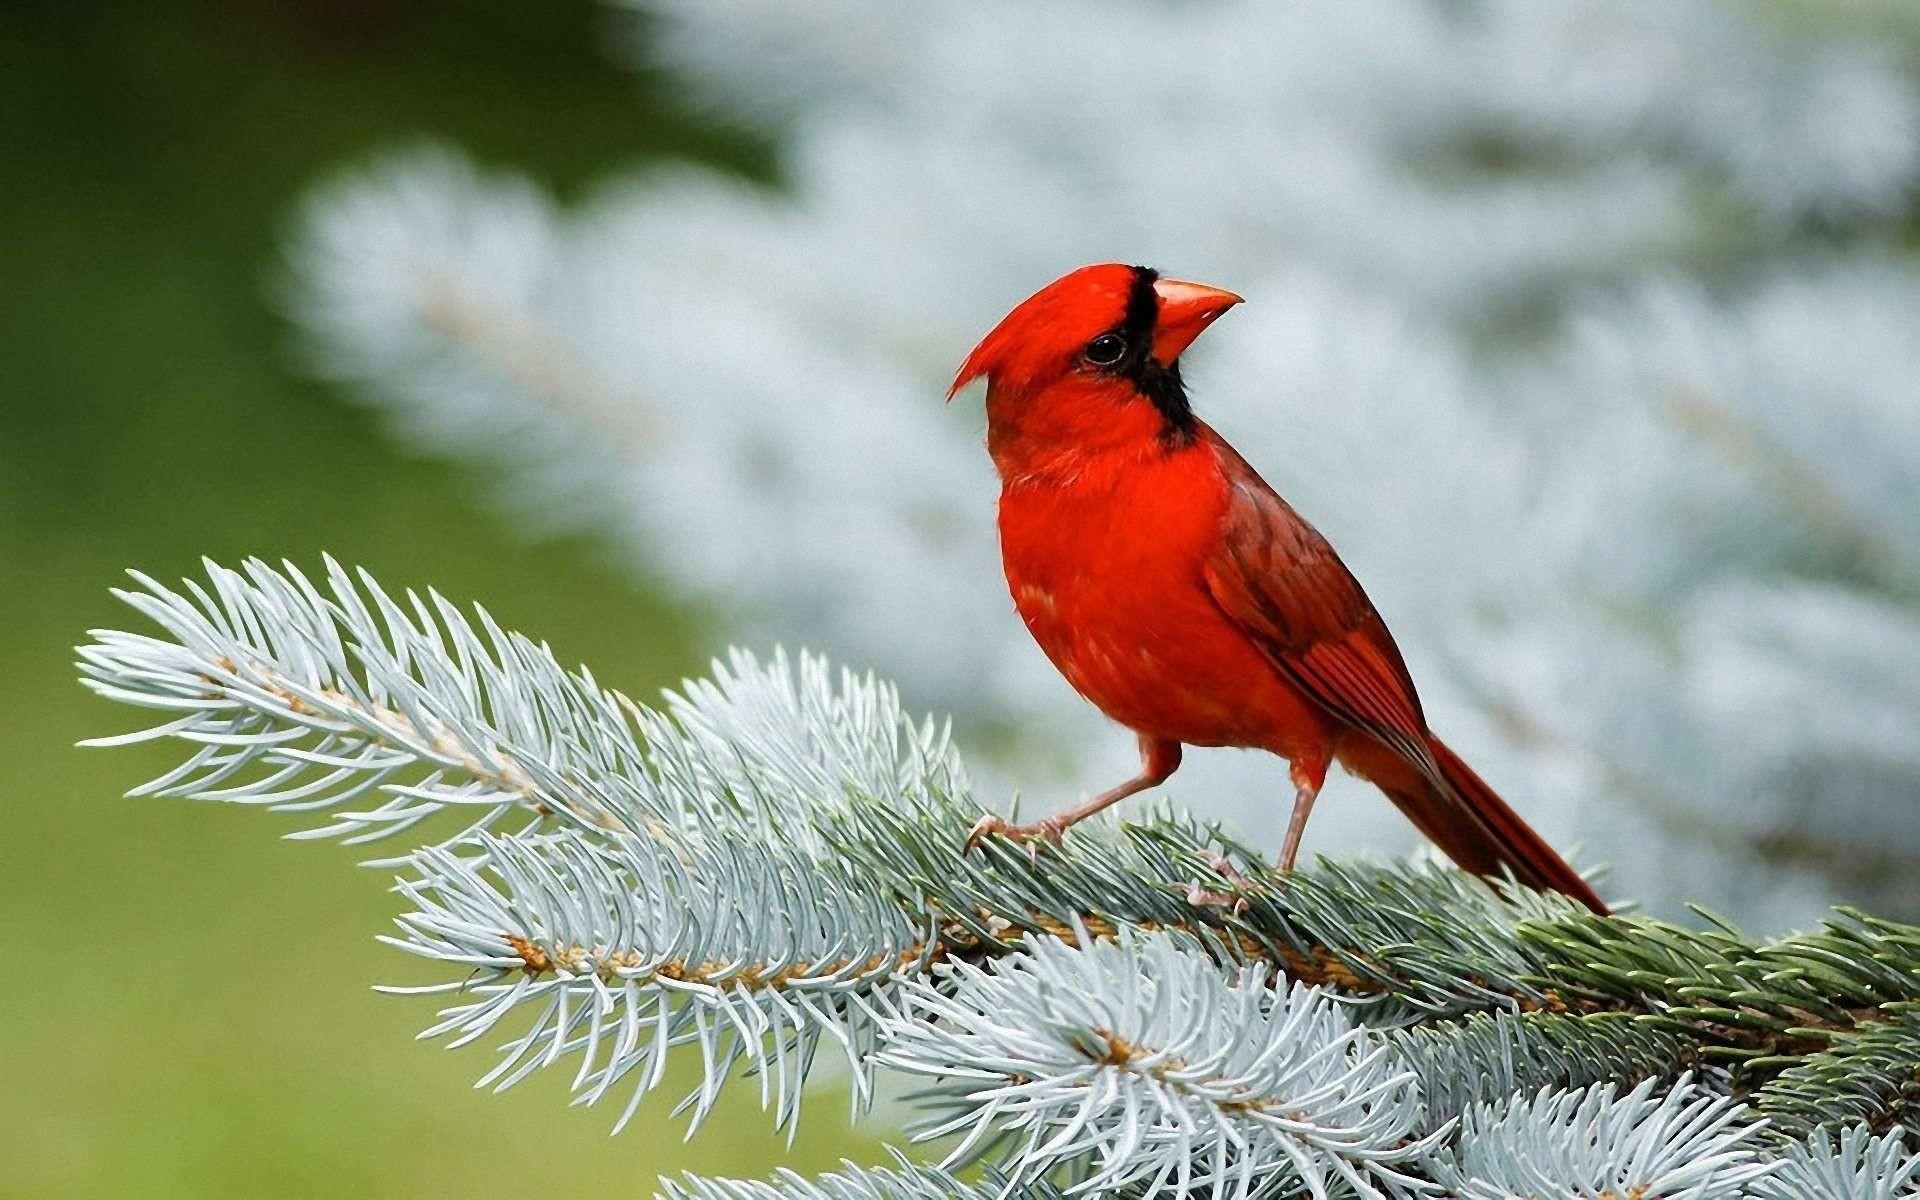 Cardinal Bird Wallpaper 52 Pictures